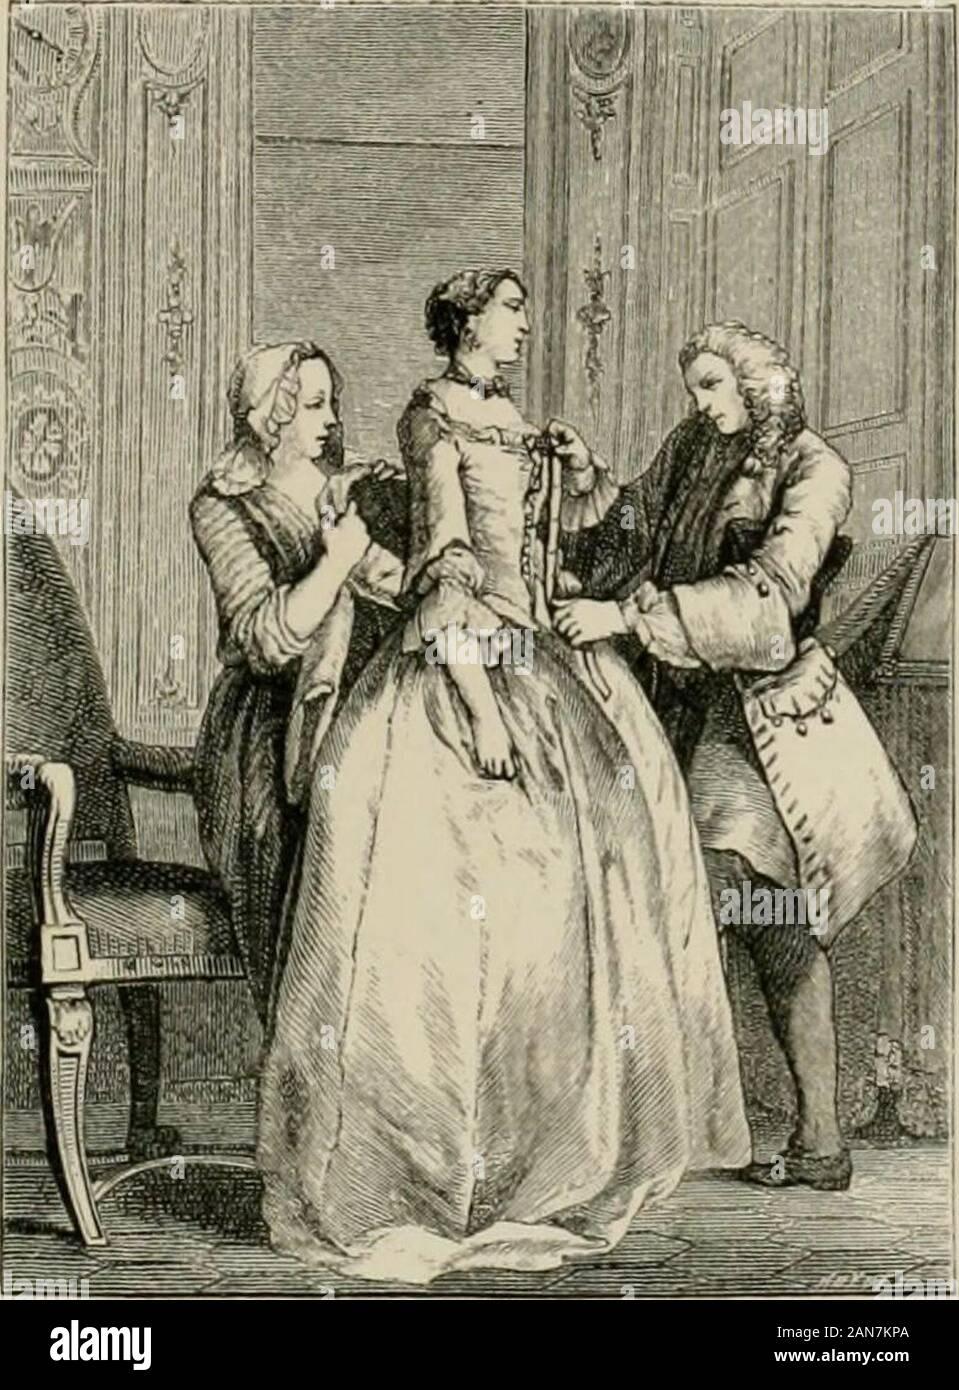 El siglo XVIII; sus instituciones, costumbres y vestimentas de Francia, 1700-1789 . a la Henri IV. Para hombres no anduvo anybetter, aunque los líderes de la moda, a petición de la ComtedArtois y María Antonieta, procuraron introducir, como aCourt-vestido, en el privado entretenimientos dada por los príncipes ofblood. El conde de Segur, que tomaron parte en ellos, dice : Thiscostume fue lo suficientemente bien como para los hombres, pero no a todos los hombres de edad suitmiddle, especialmente si eran cortos y inclinados a corpu-lence. Los mantos de seda, las plumas, cintas y colores brillantes,les hizo mirar ridic Foto de stock